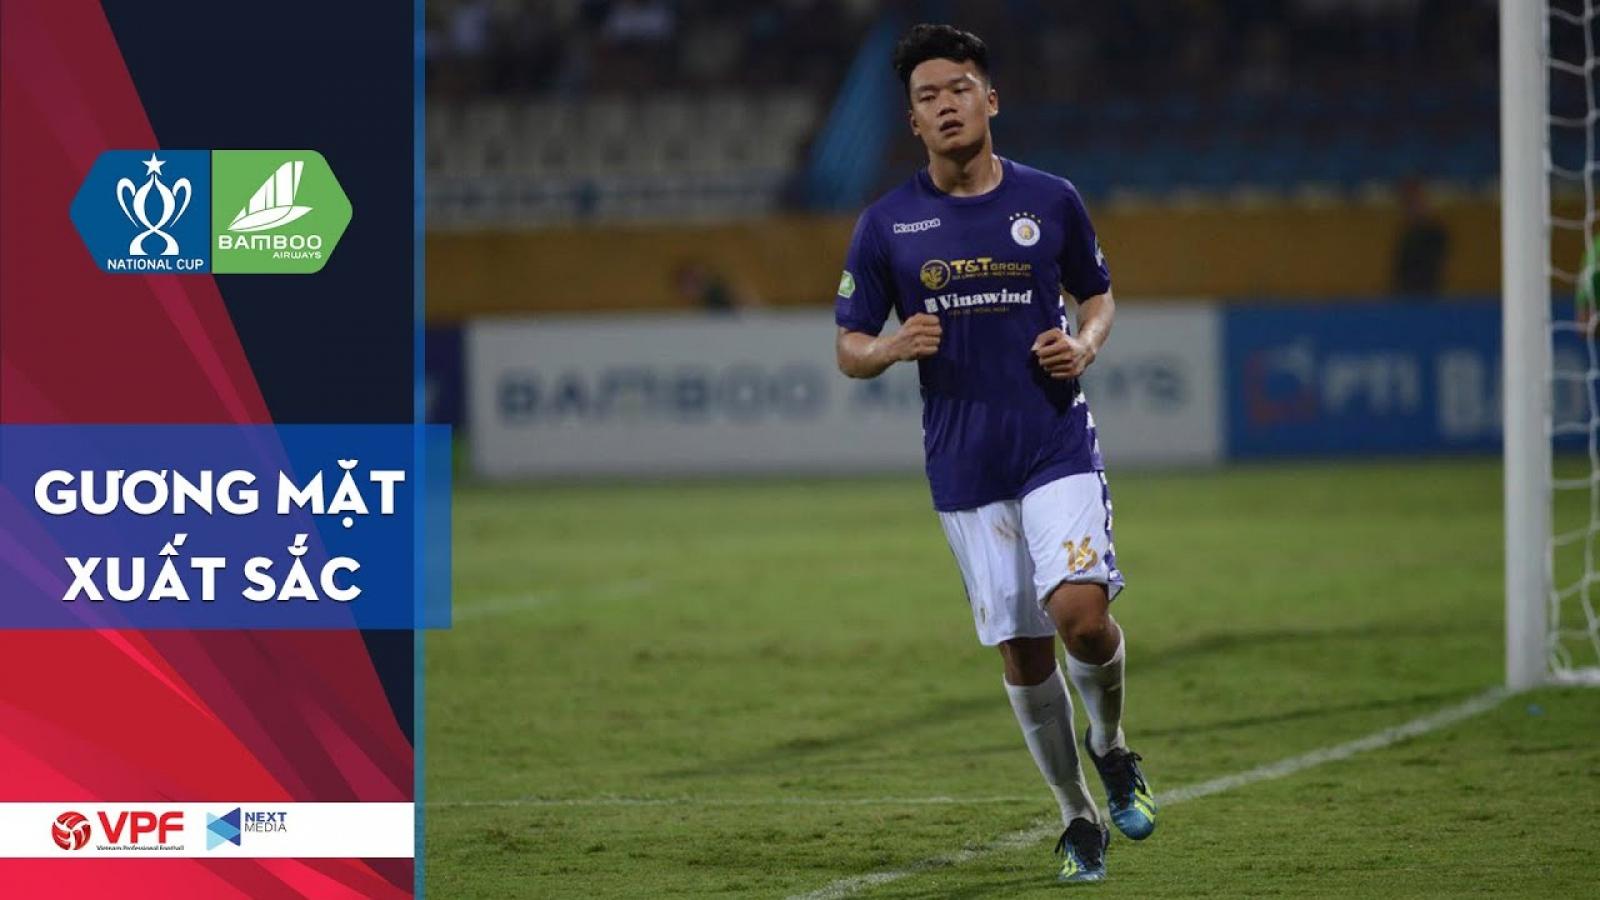 """""""Siêu tiền đạo"""" Thành Chung sẽ đưa Hà Nội FC vào bán kết Cúp Quốc gia?"""